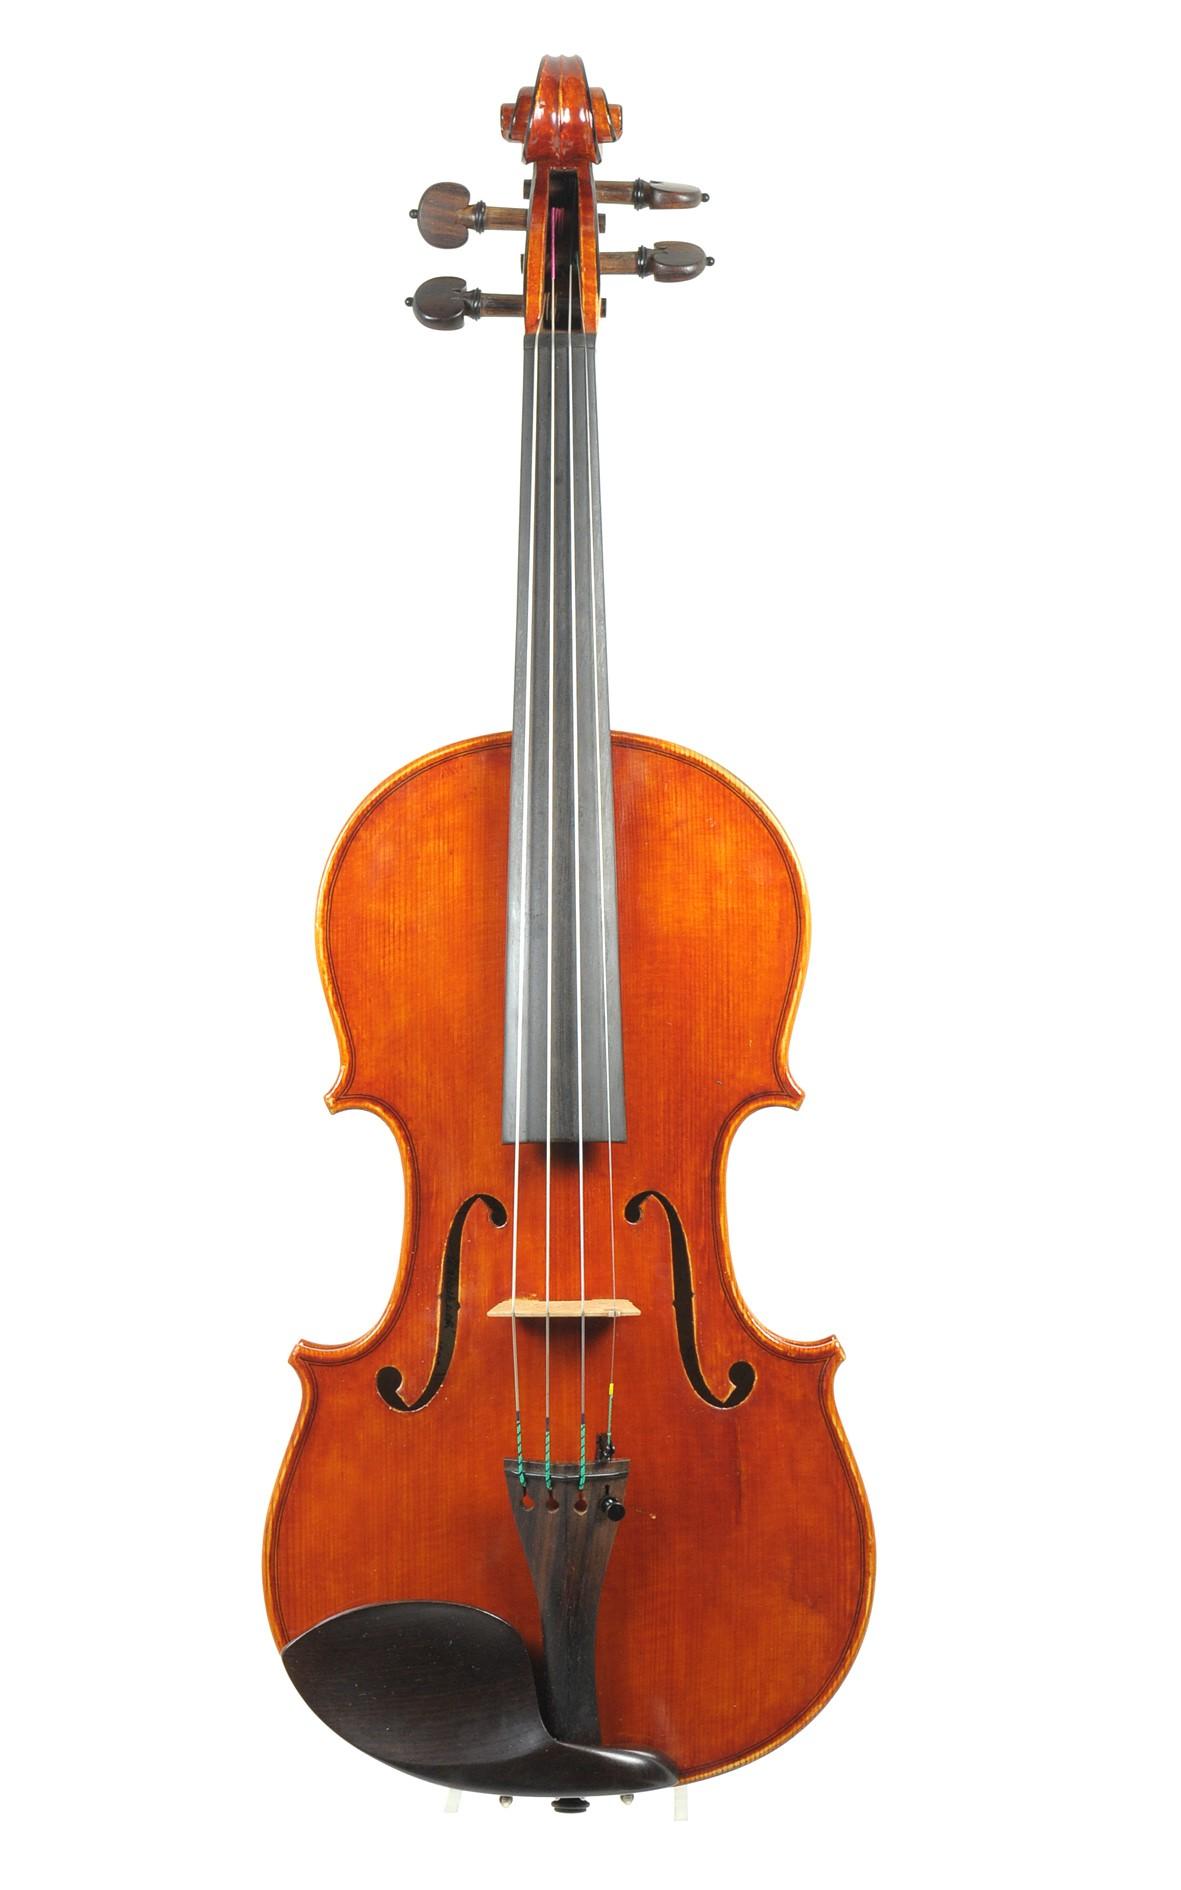 Italian violin Salvatore Valentinetti, 1998 - top